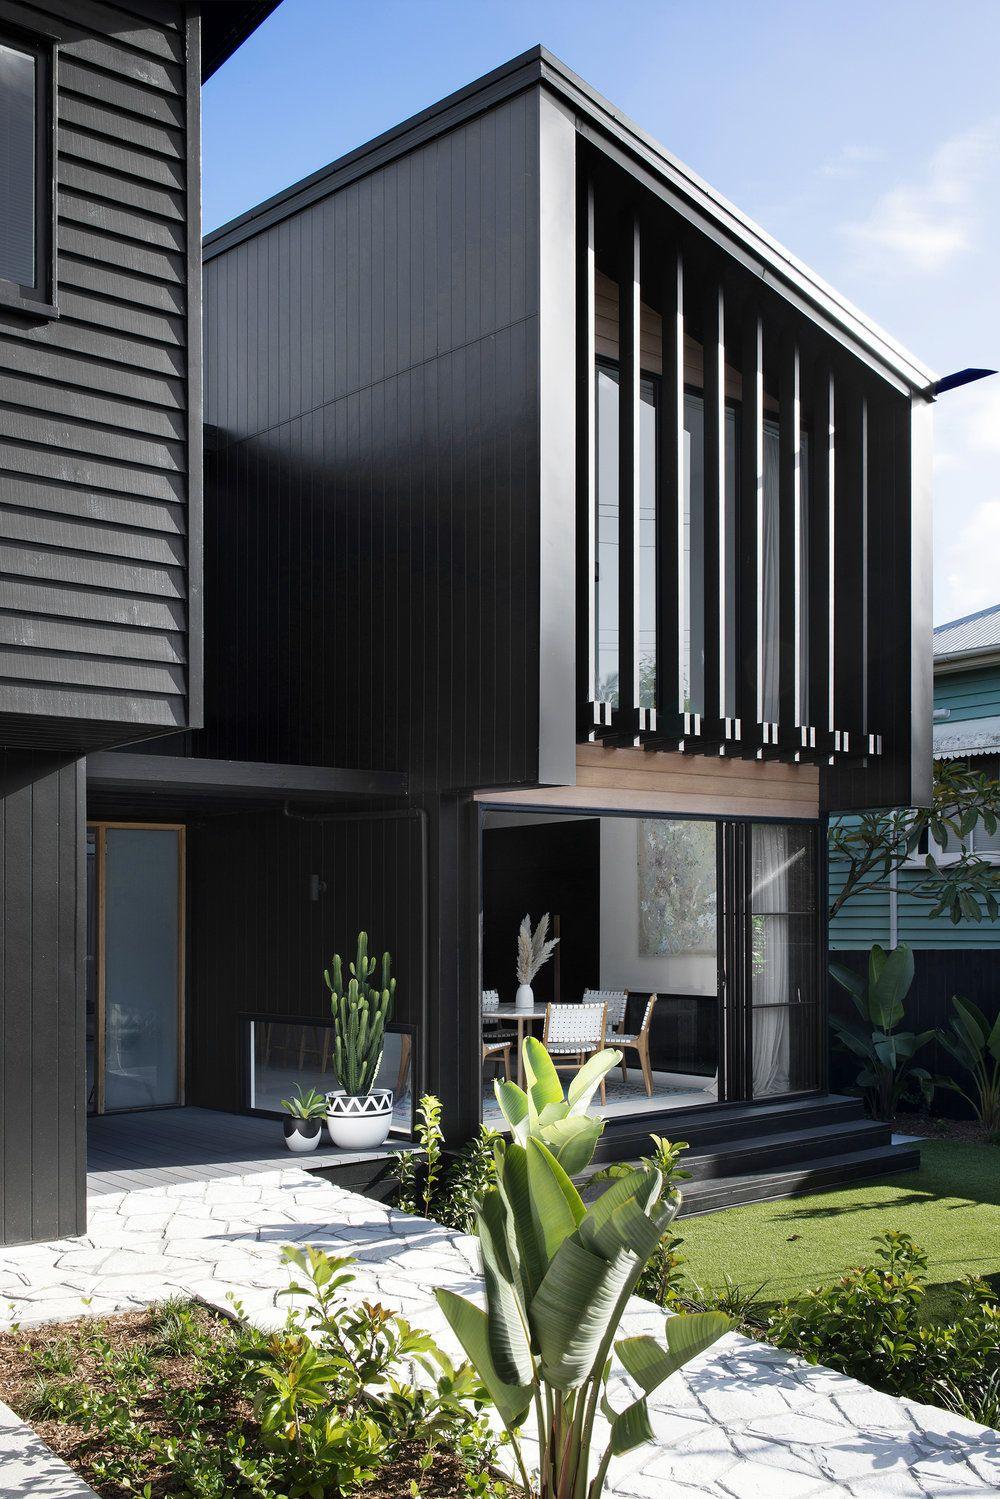 Beauty from the north casas arquitectura casas dise o for Arquitectura y diseno de casas modernas